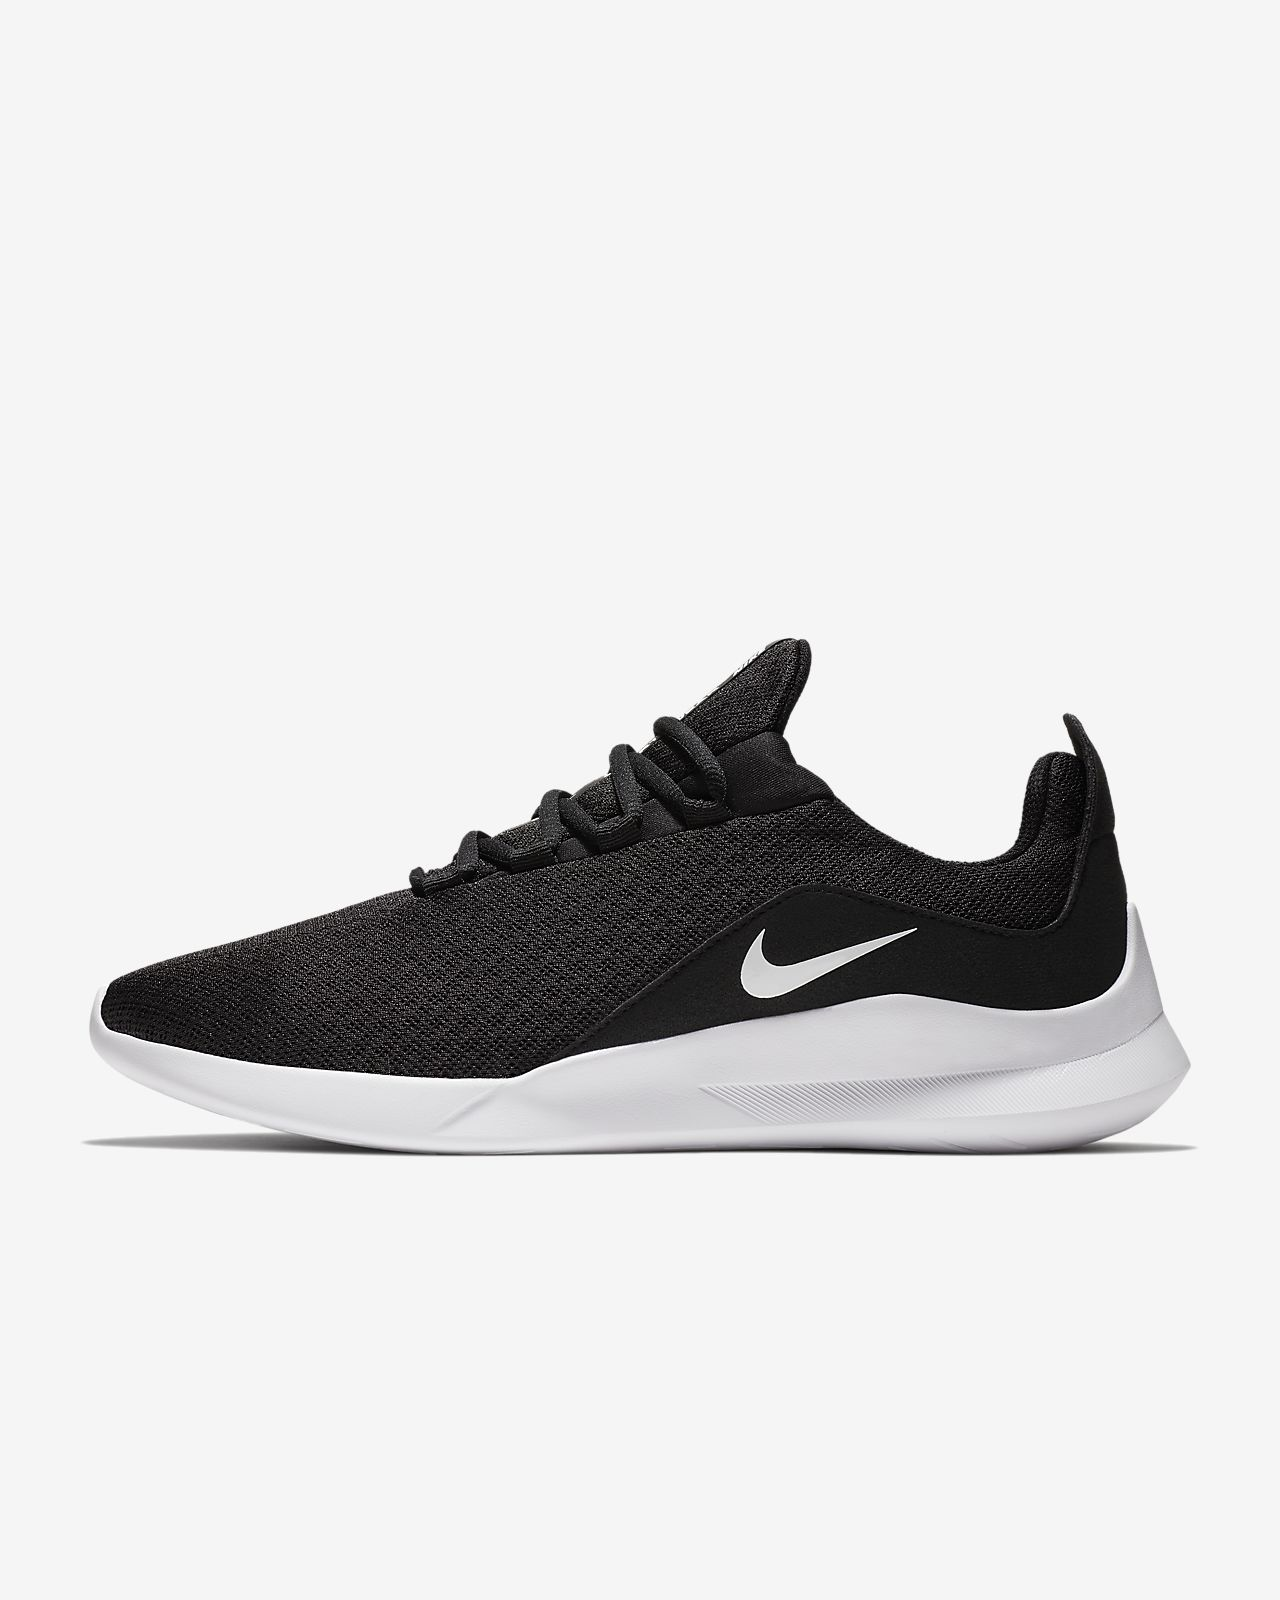 buy online 5d646 5798c Low Resolution Nike Viale Herrenschuh Nike Viale Herrenschuh